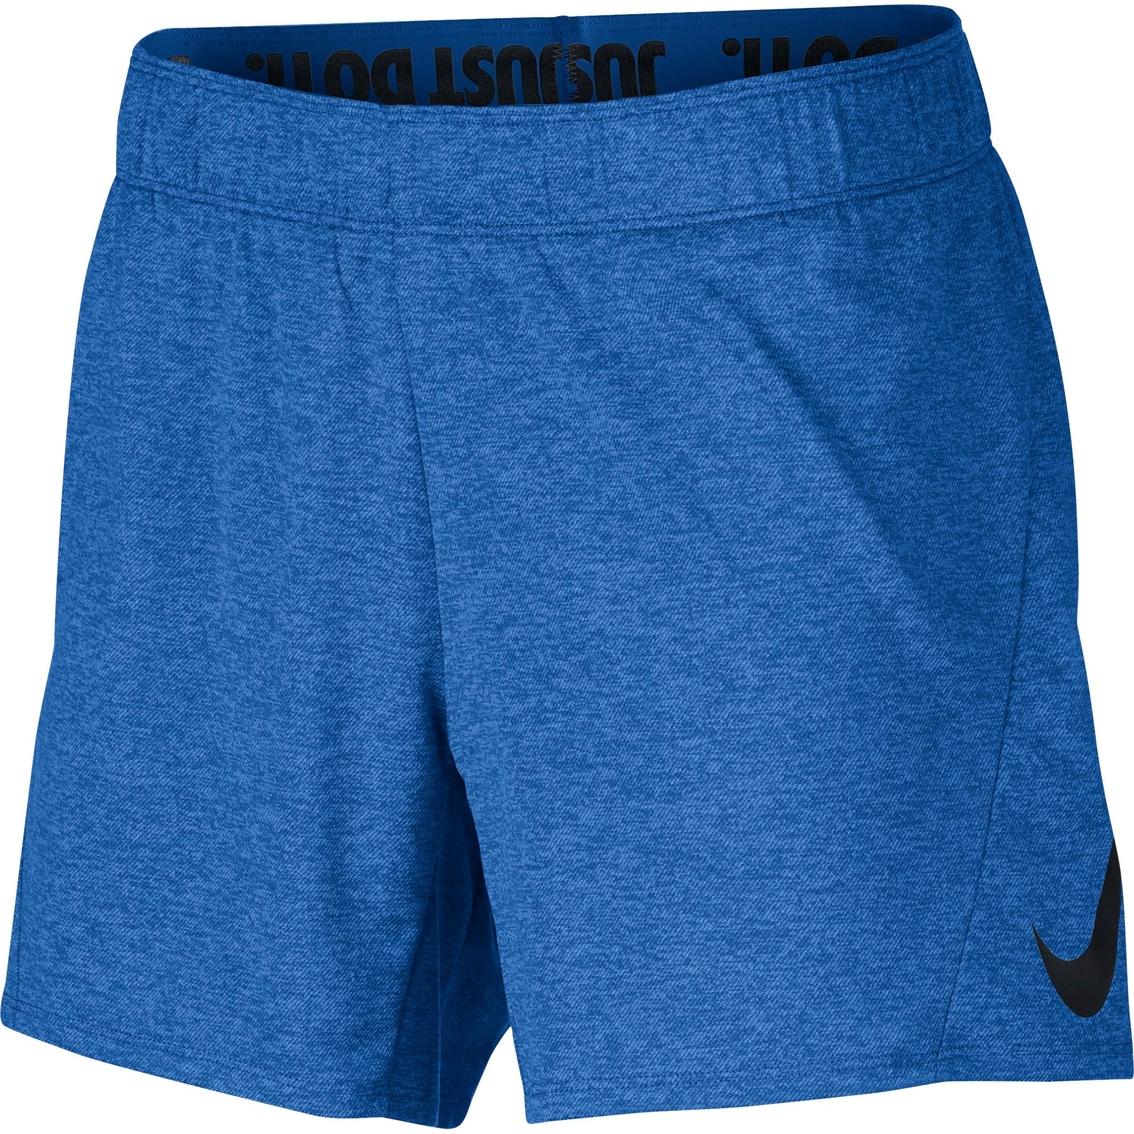 nike shorts 9.99